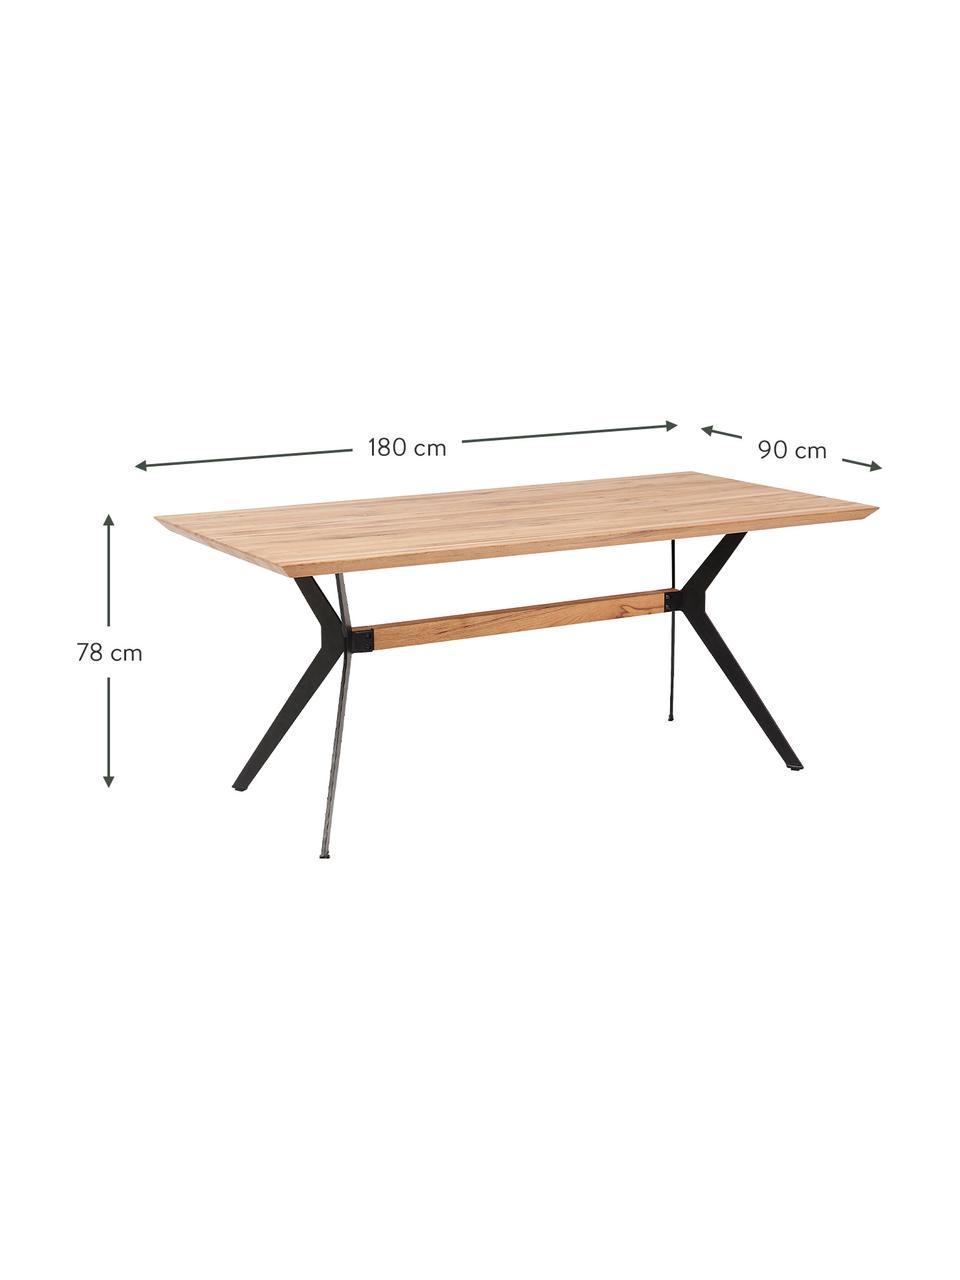 Esstisch Downtown mit Eichenholz, Tischplatte: Eichenholz, geölt, Beine: Stahl, pulverbeschichtet , Eichenholz, B 180 x T 90 cm